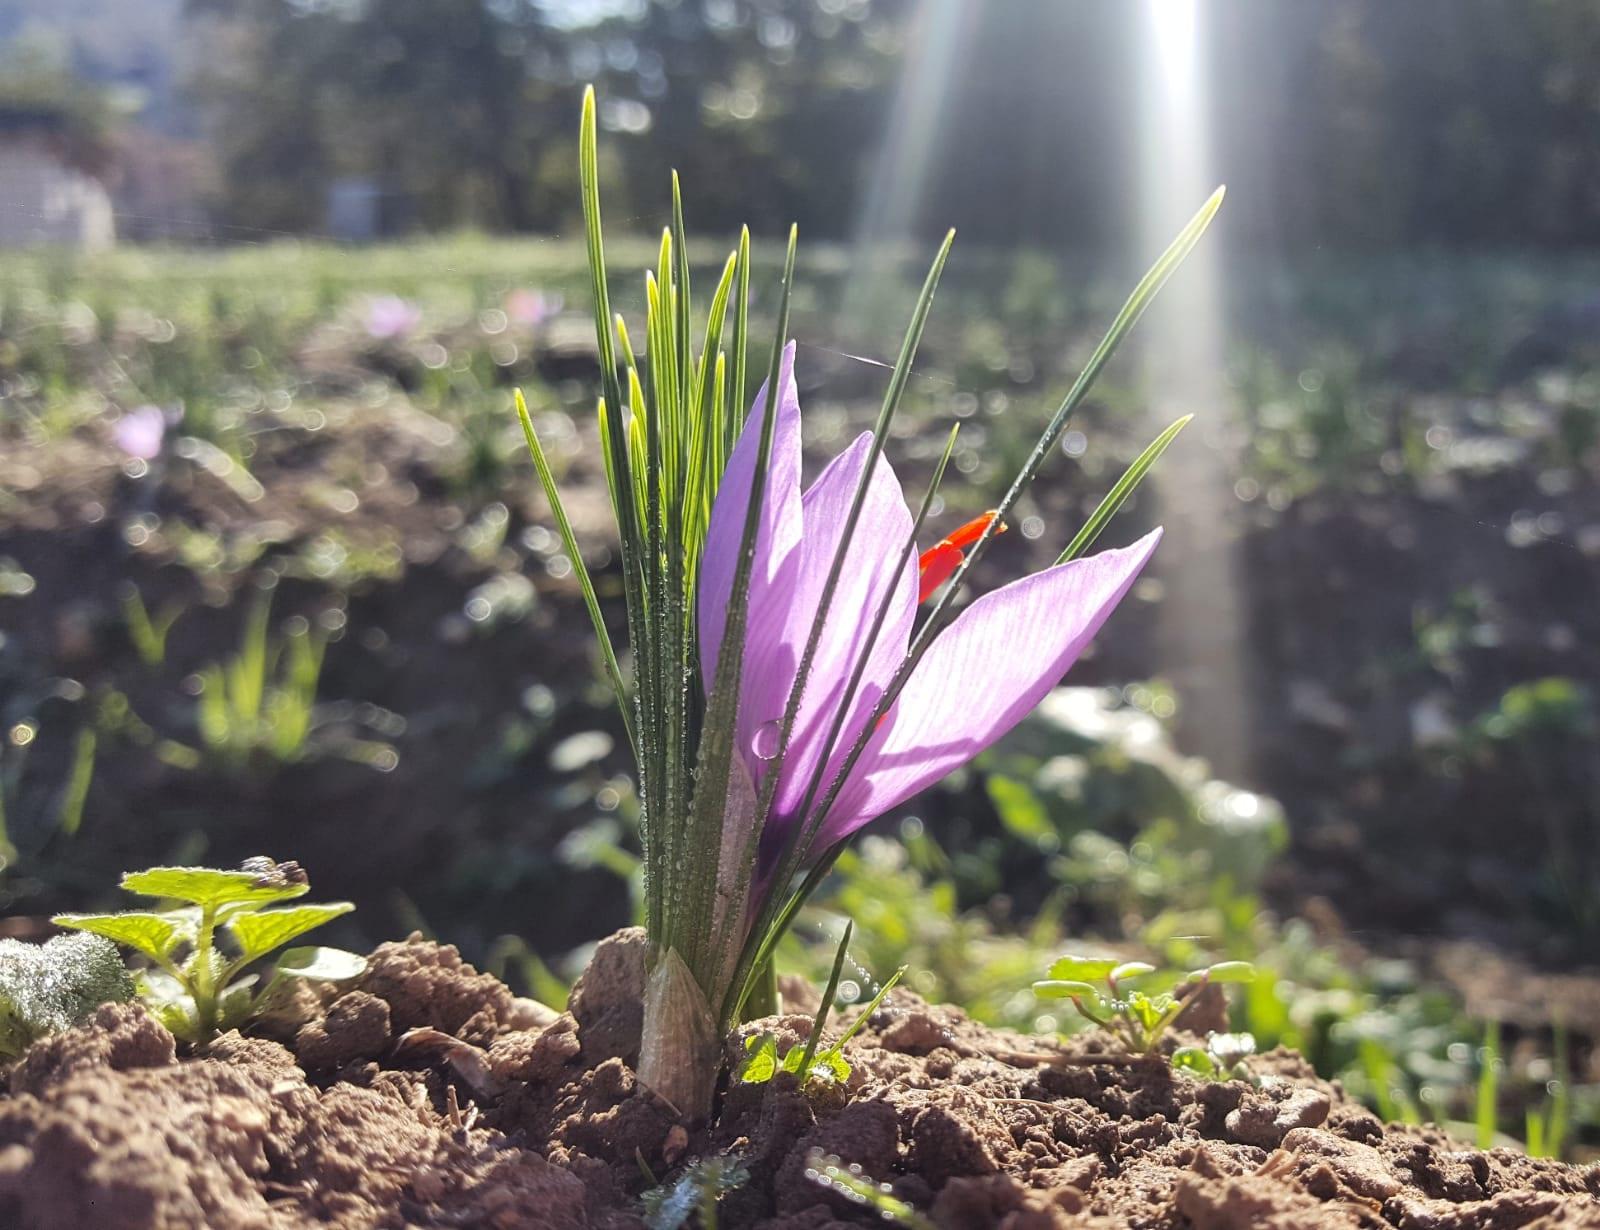 il fiore dello zafferano. la bella storia dello zafferano Ubi Maior